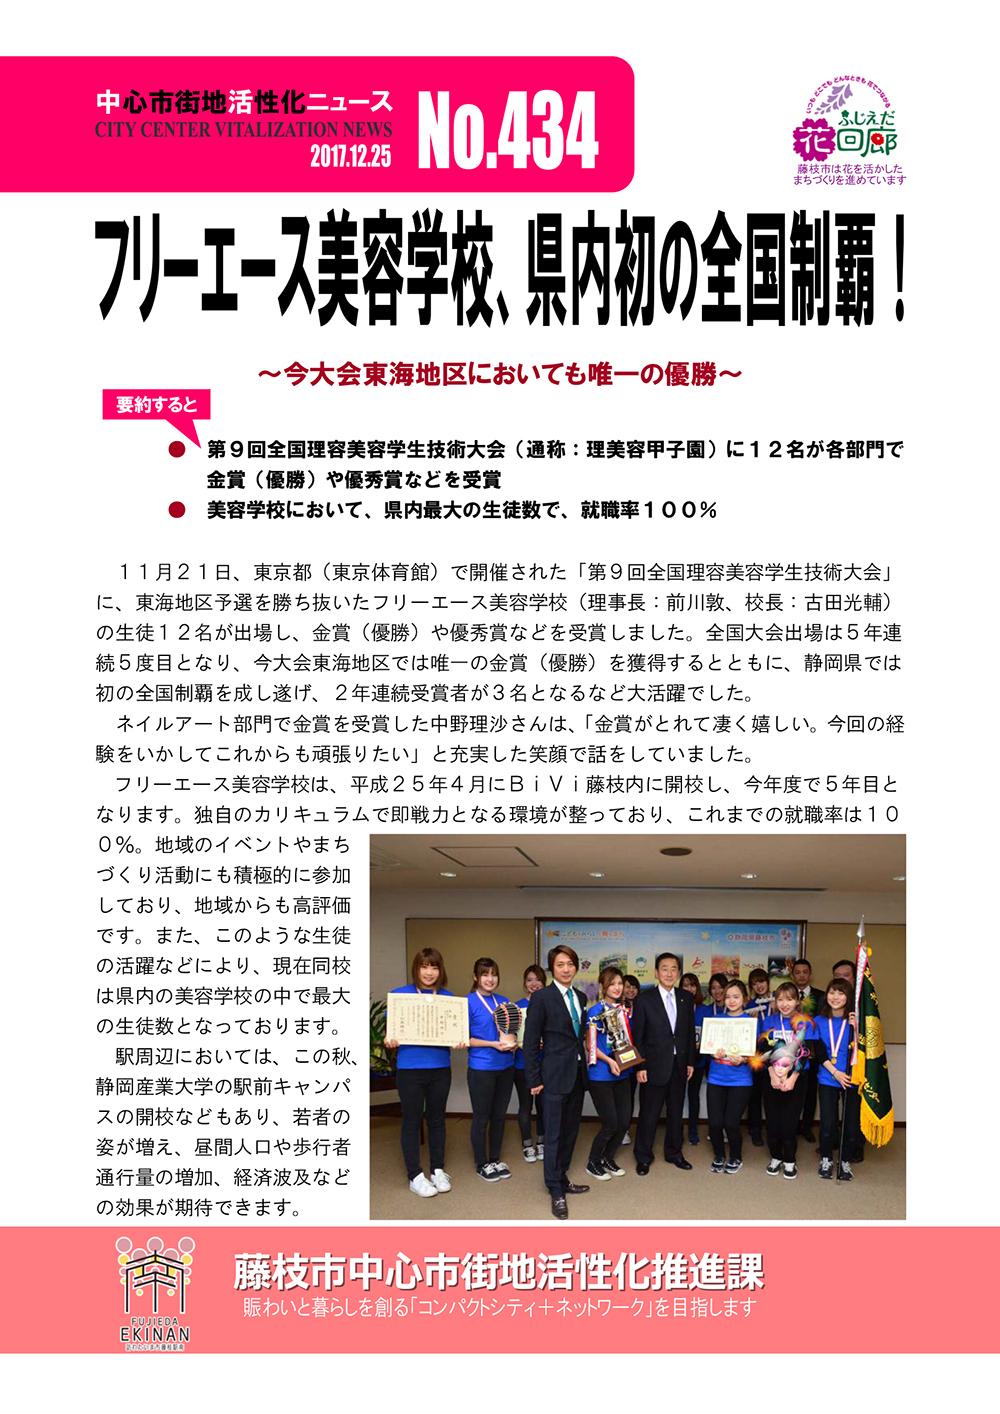 中心市街地活性化ニュース No.434